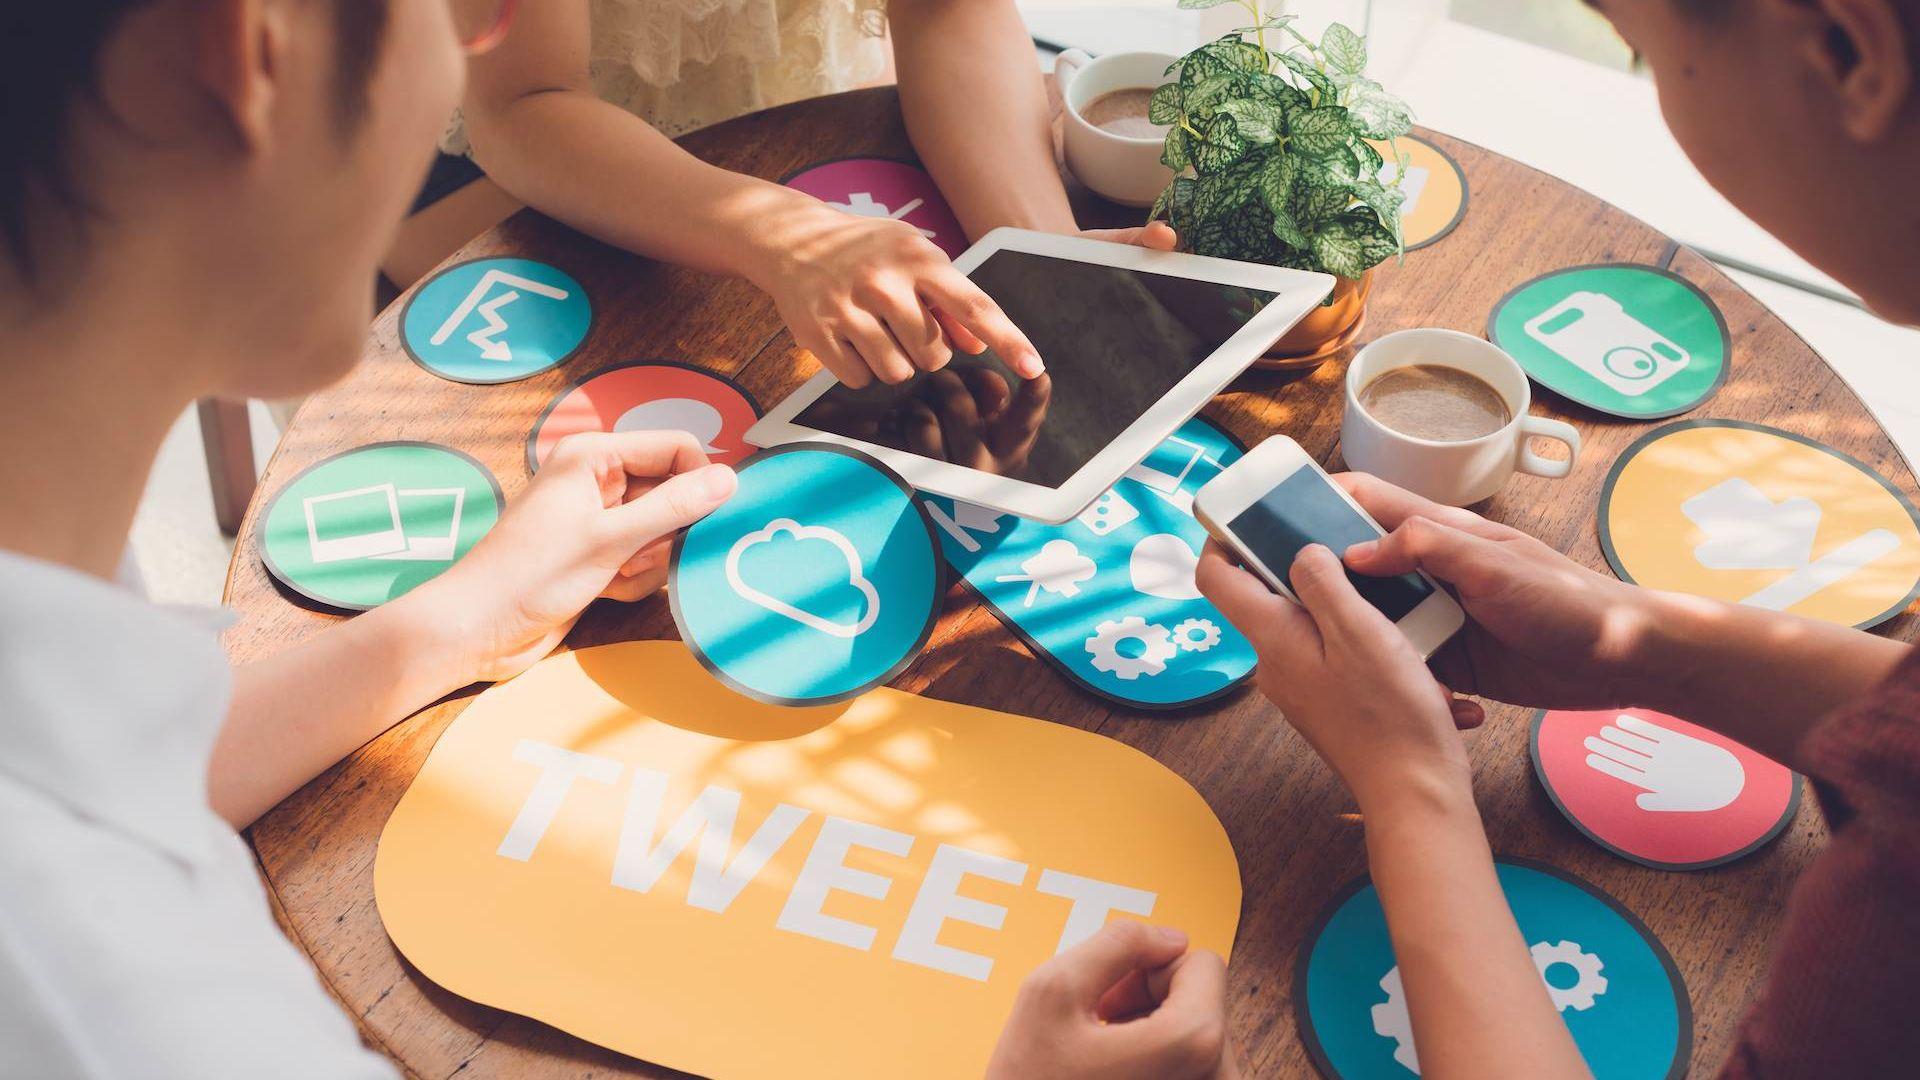 połecznościowa produkcja – nowy sposób na dokument? Kampania Fotolia 68234874 Subscription Monthly XXL